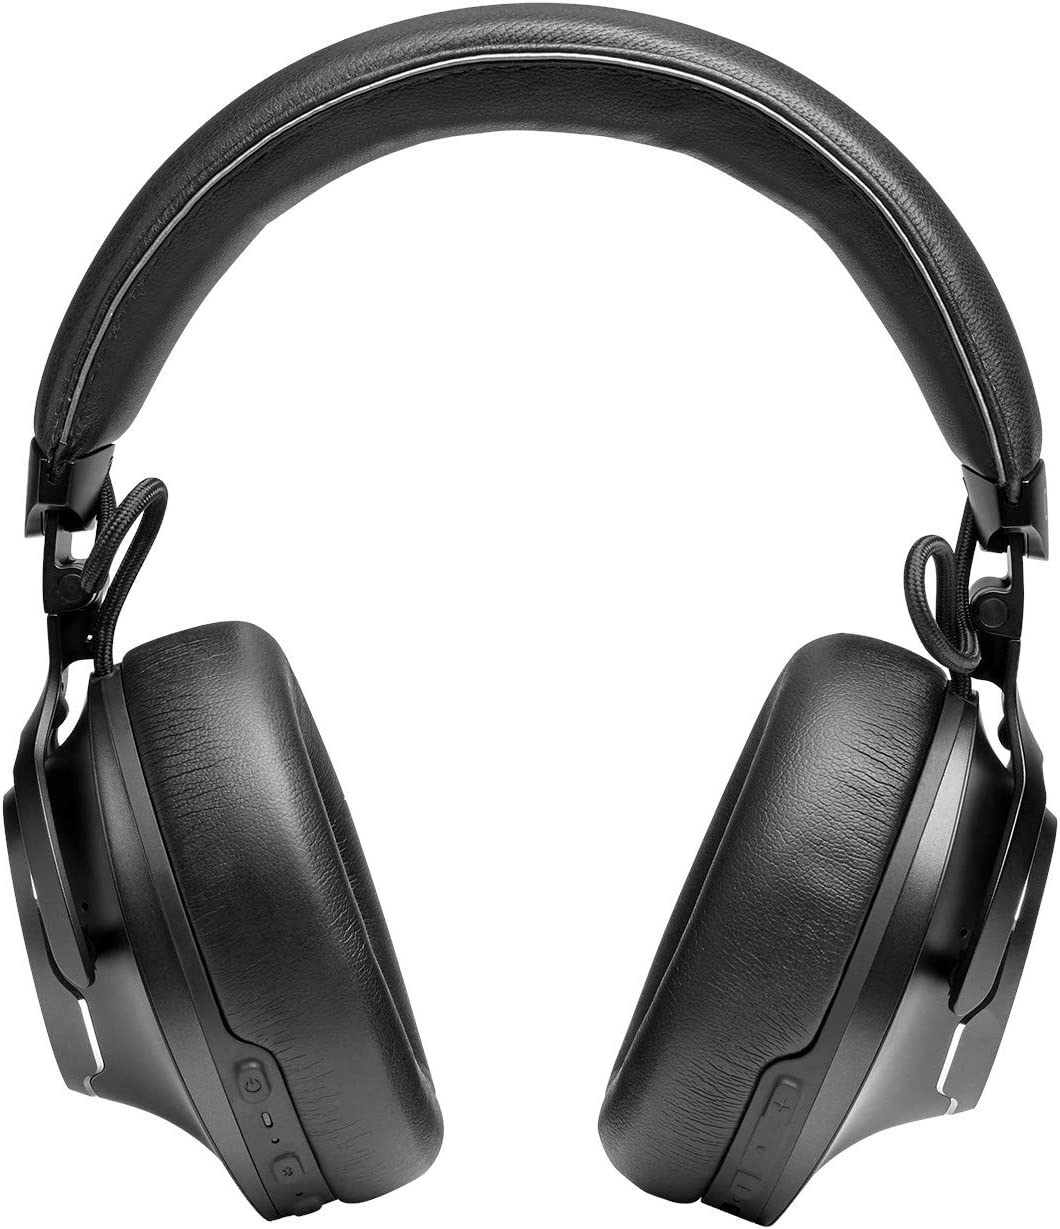 JBL CLUB 700BT vs. CLUB 950NC vs. CLUB One Headphones